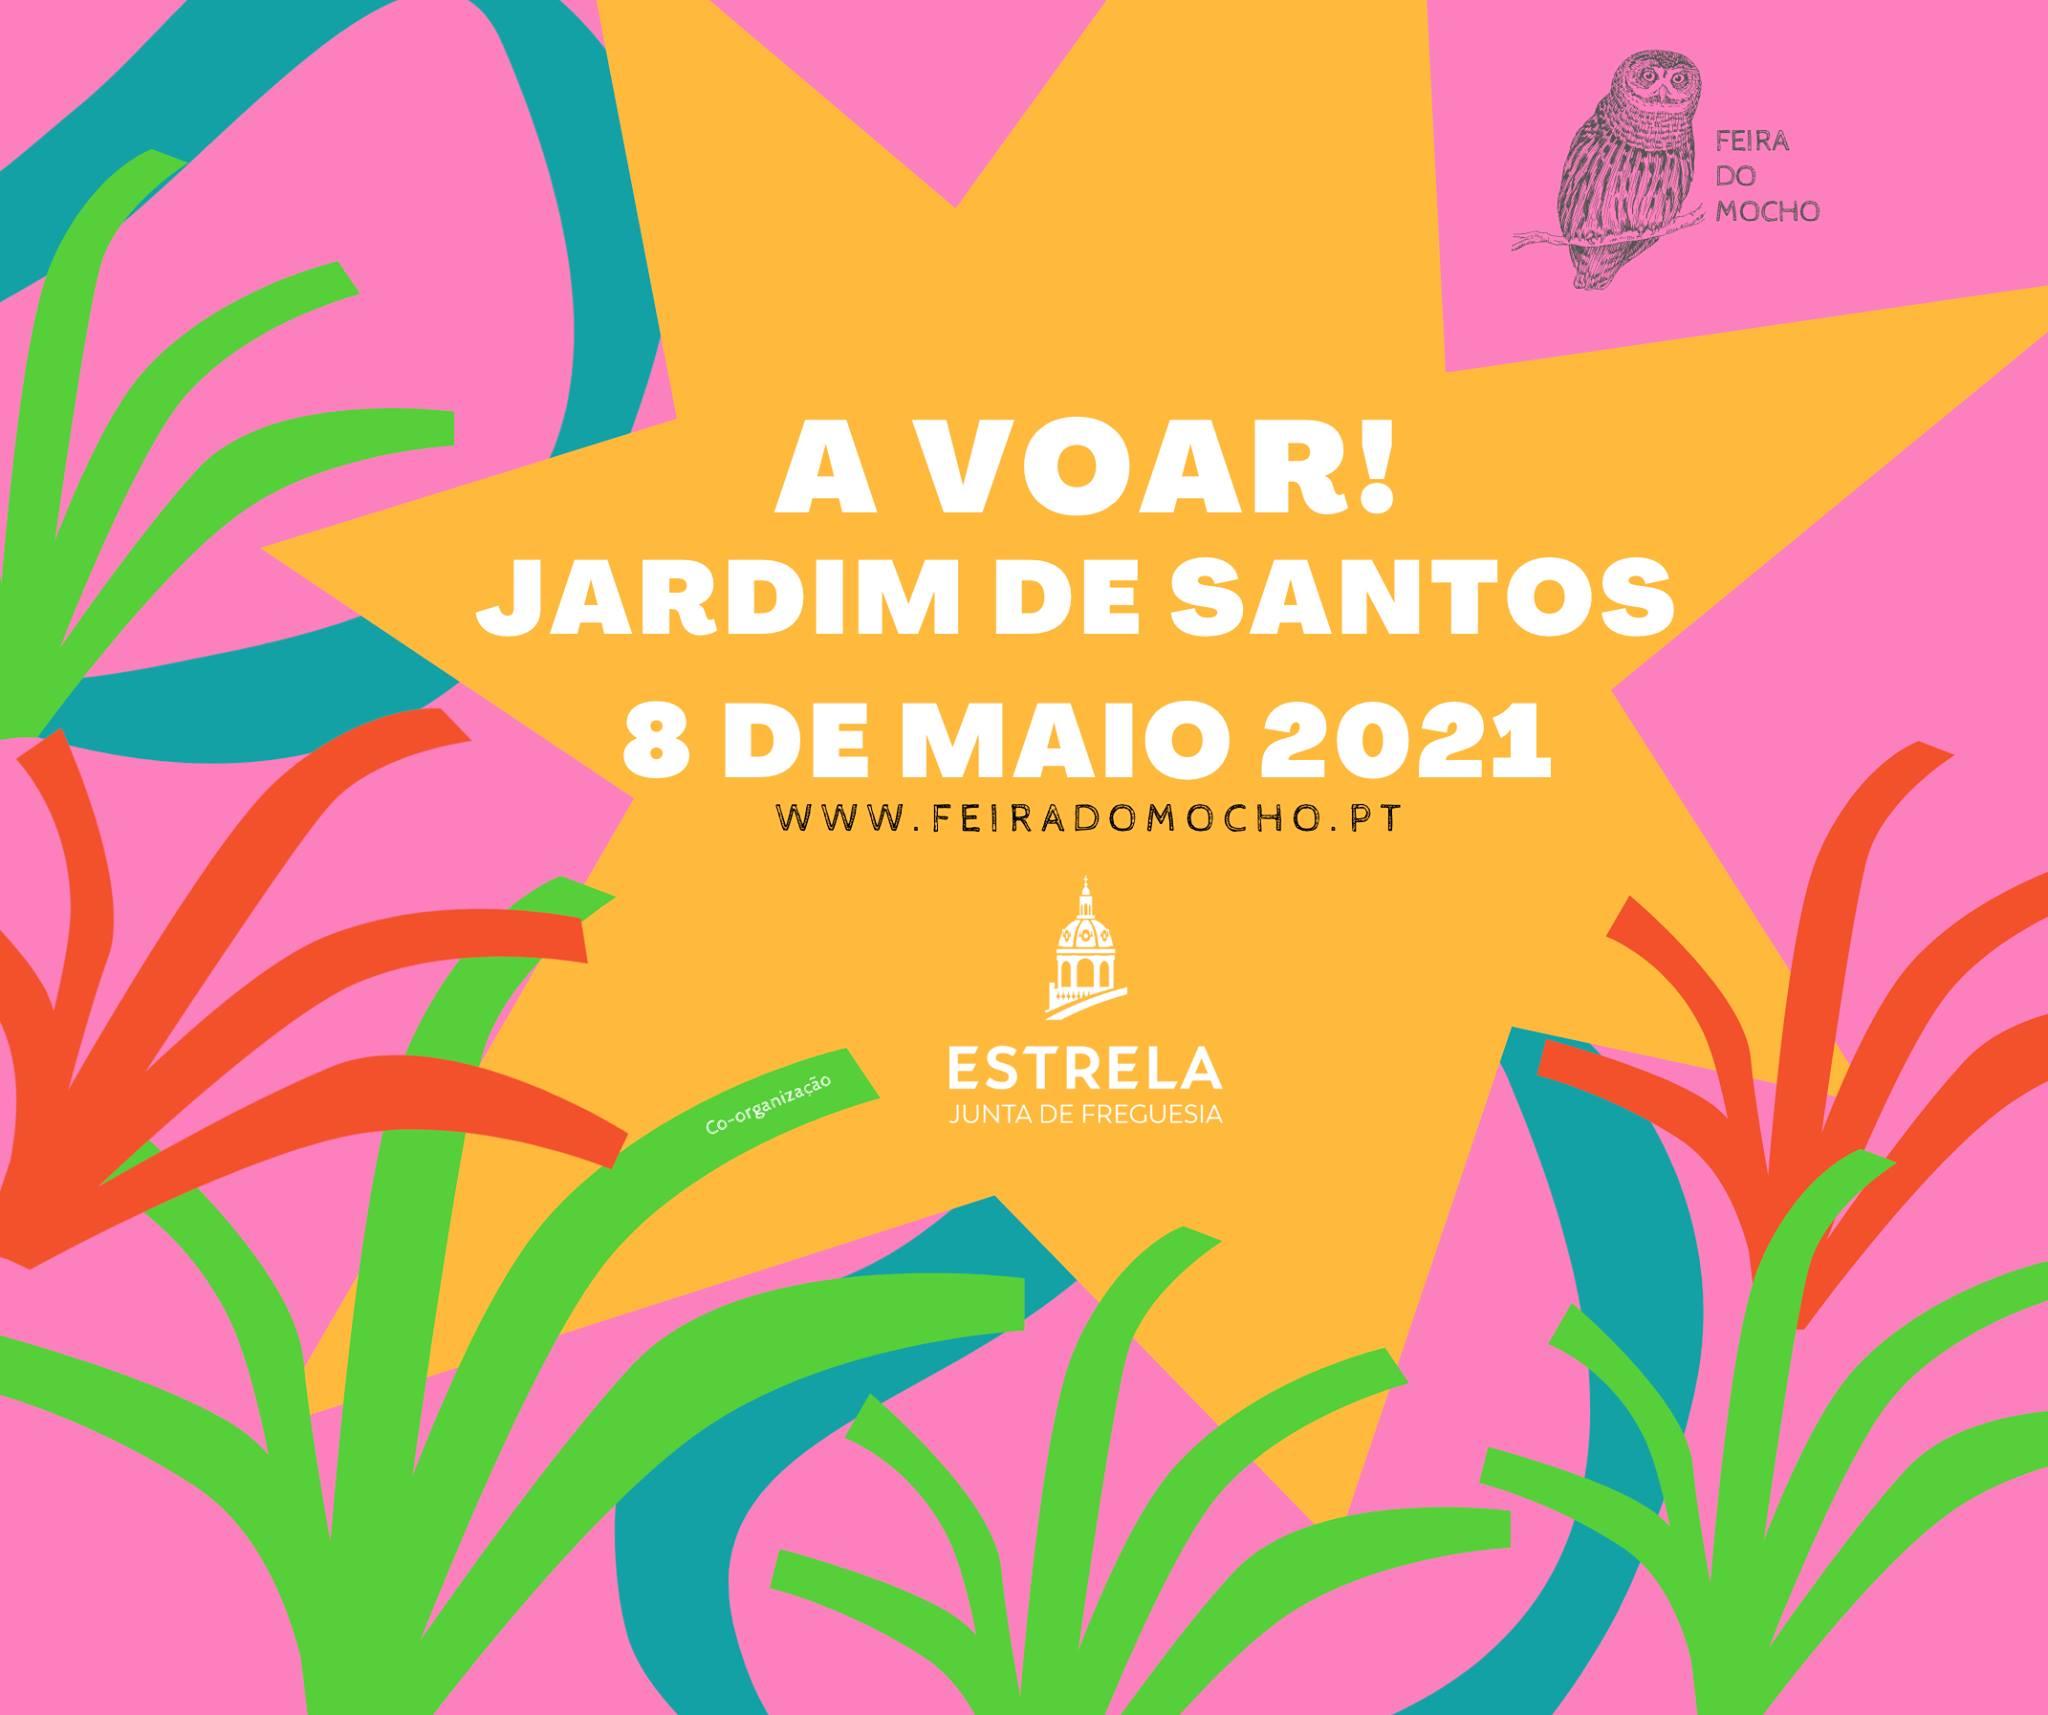 A VOAR ATÉ AO JARDIM DE SANTOS